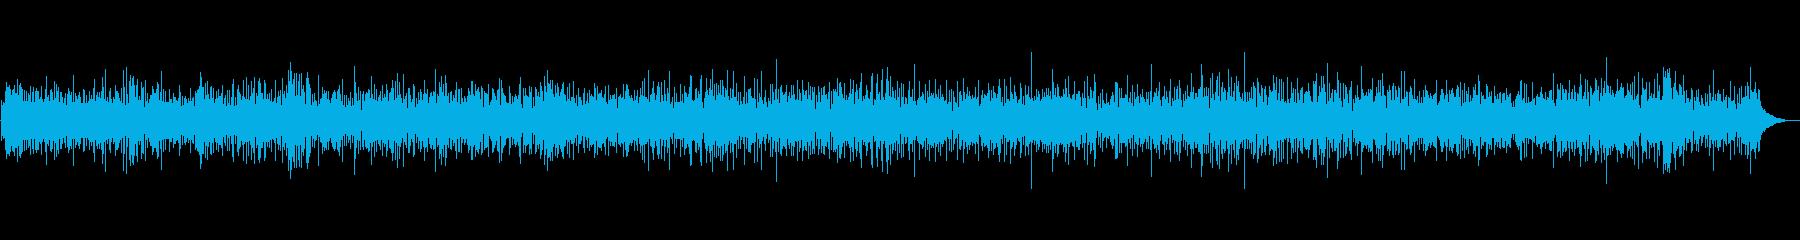 BGM|オシャレカフェ★リラックスジャズの再生済みの波形